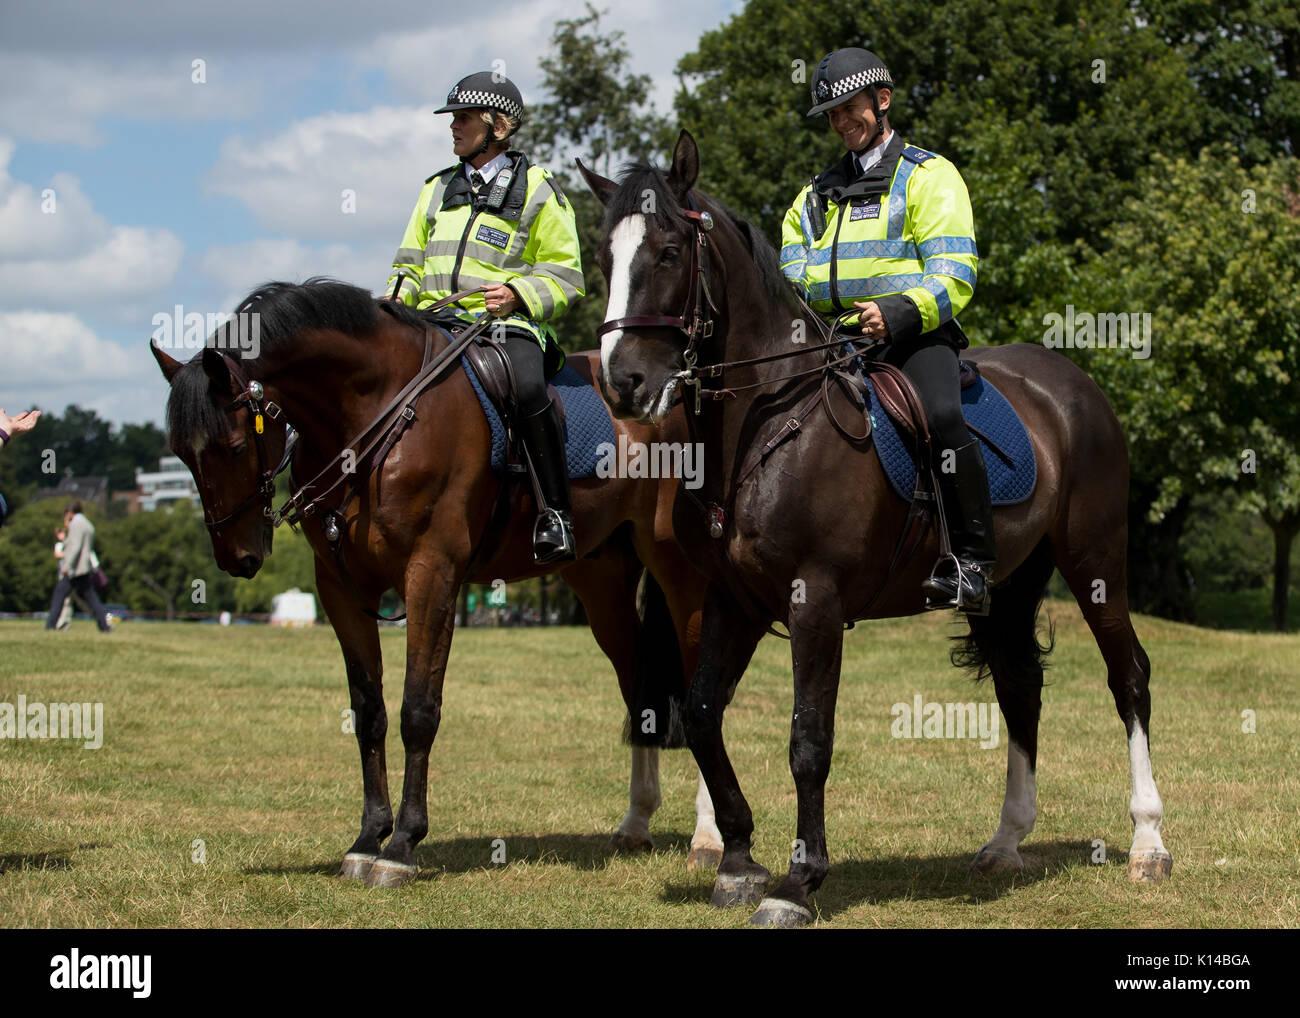 Cavallo polizia montata al di fuori dei campionati di Wimbledon Immagini Stock